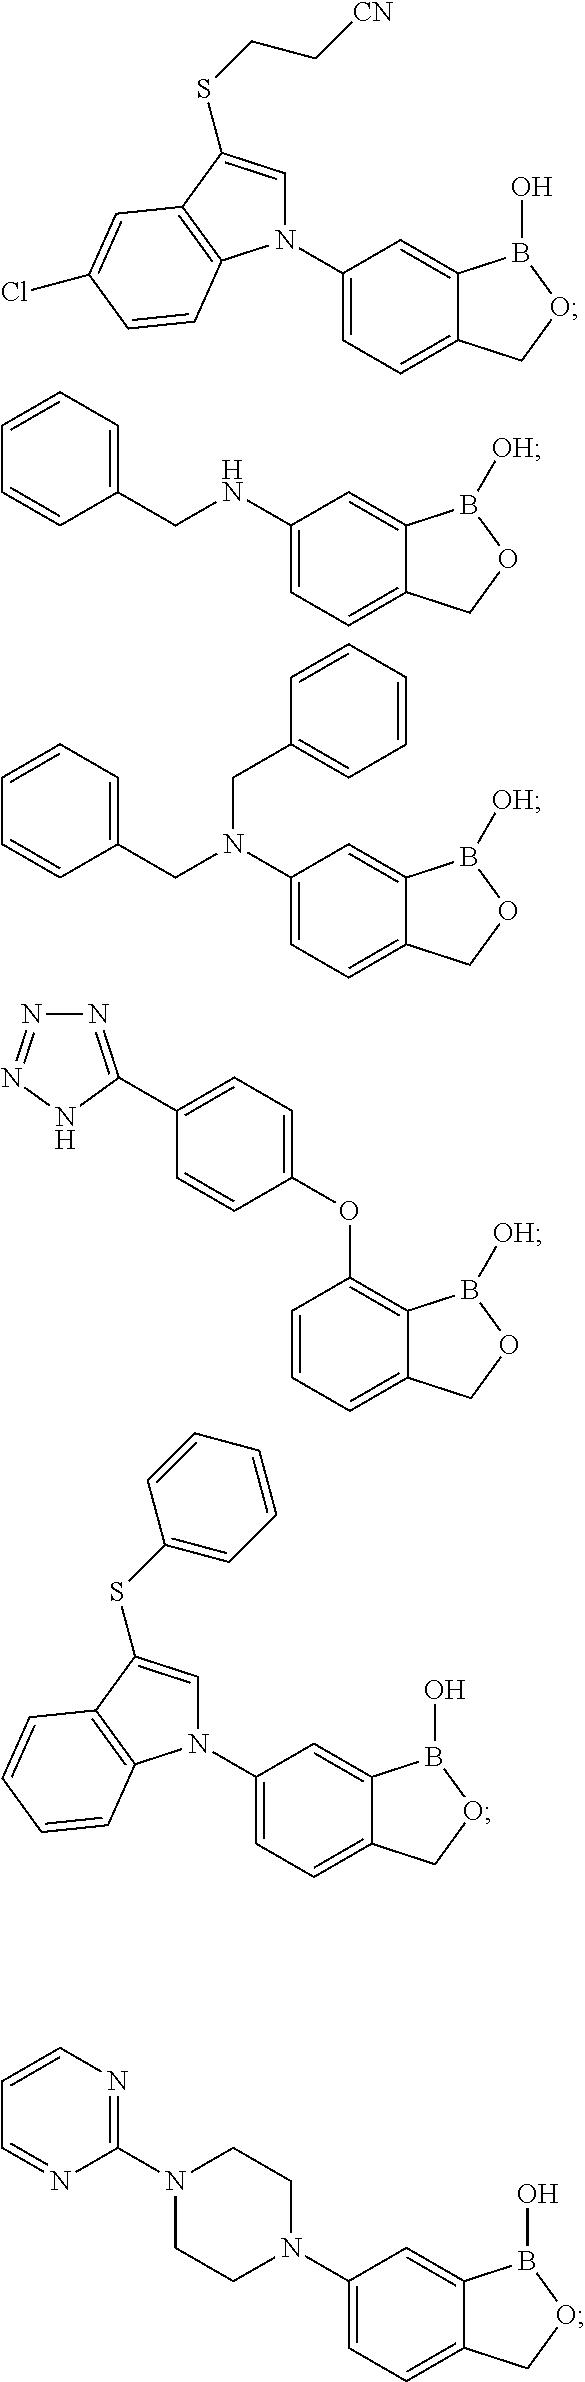 Figure US09566289-20170214-C00029